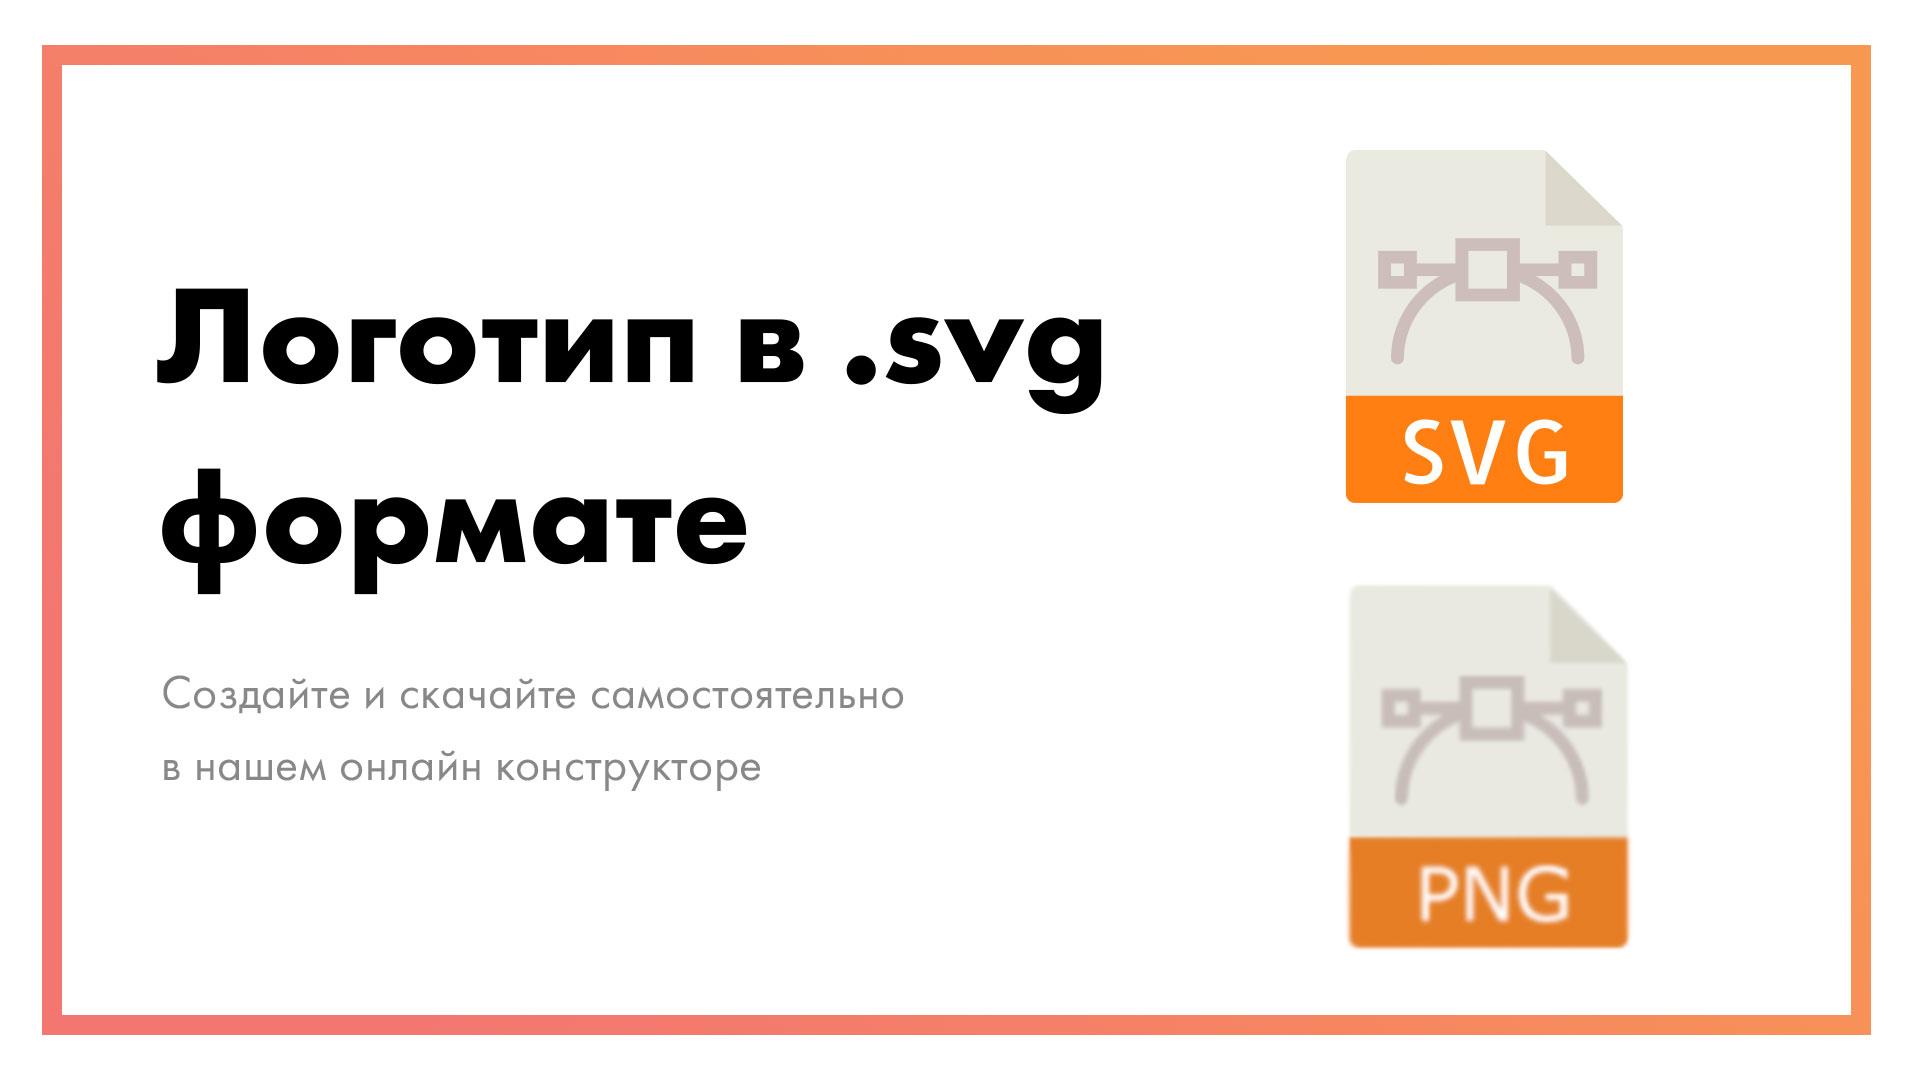 Логотип-в-SVG-формате-–-создайте-и-скачайте-онлайн-самостоятельно.jpg